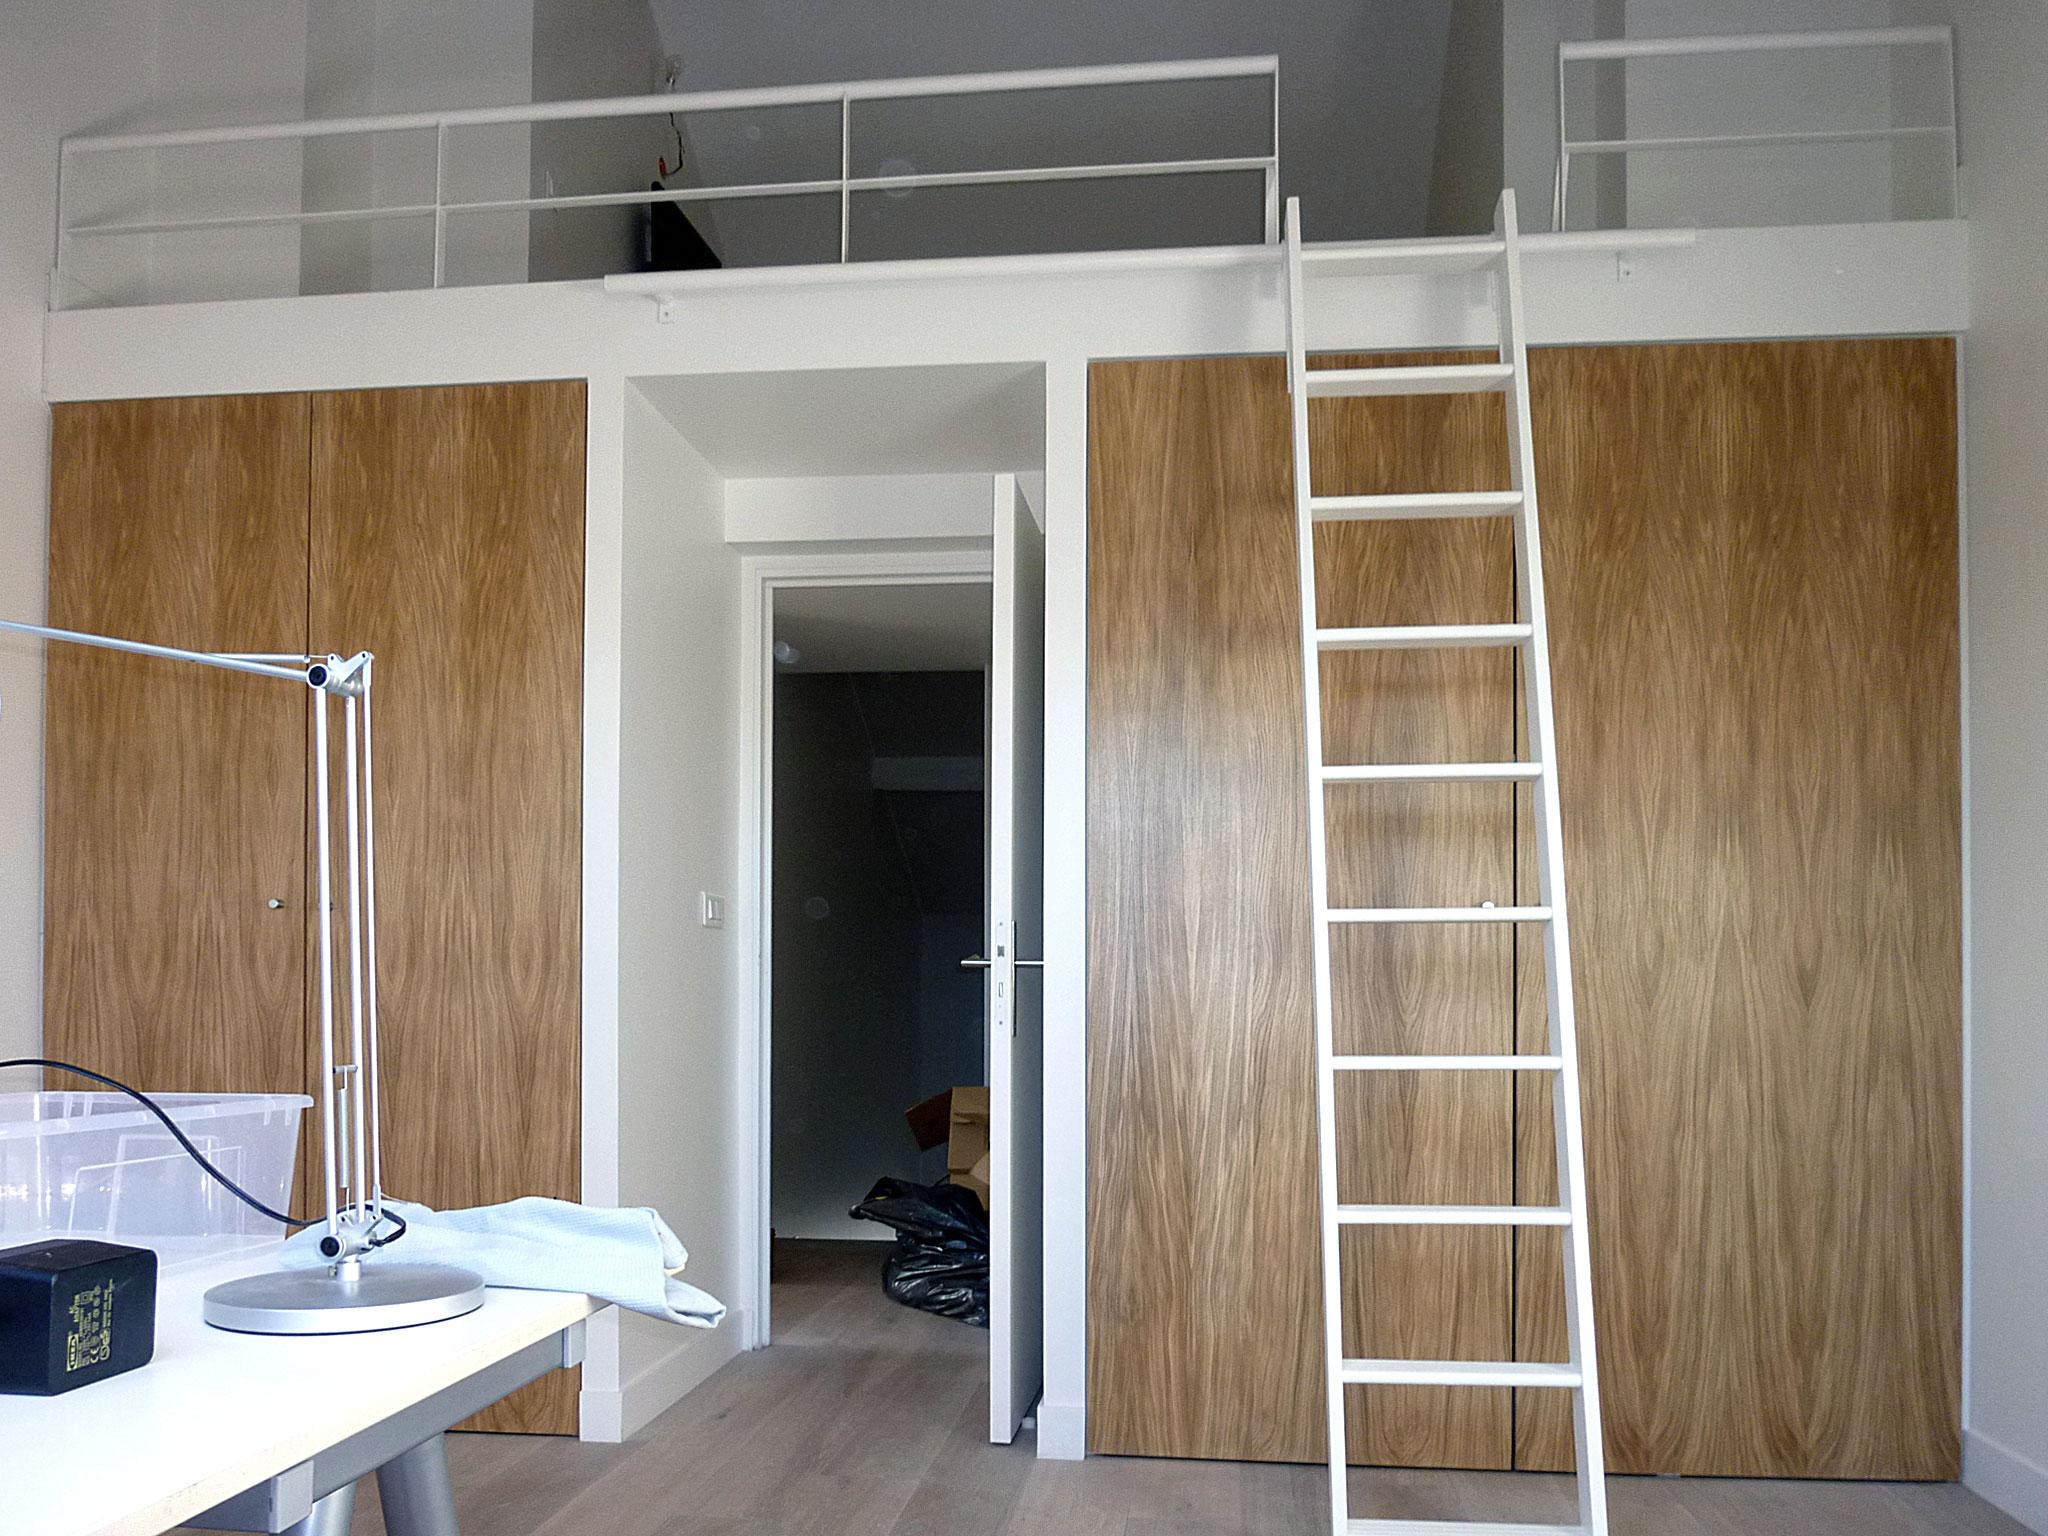 olivier-stadler-architecte-maison-noisy-le-roi (2)